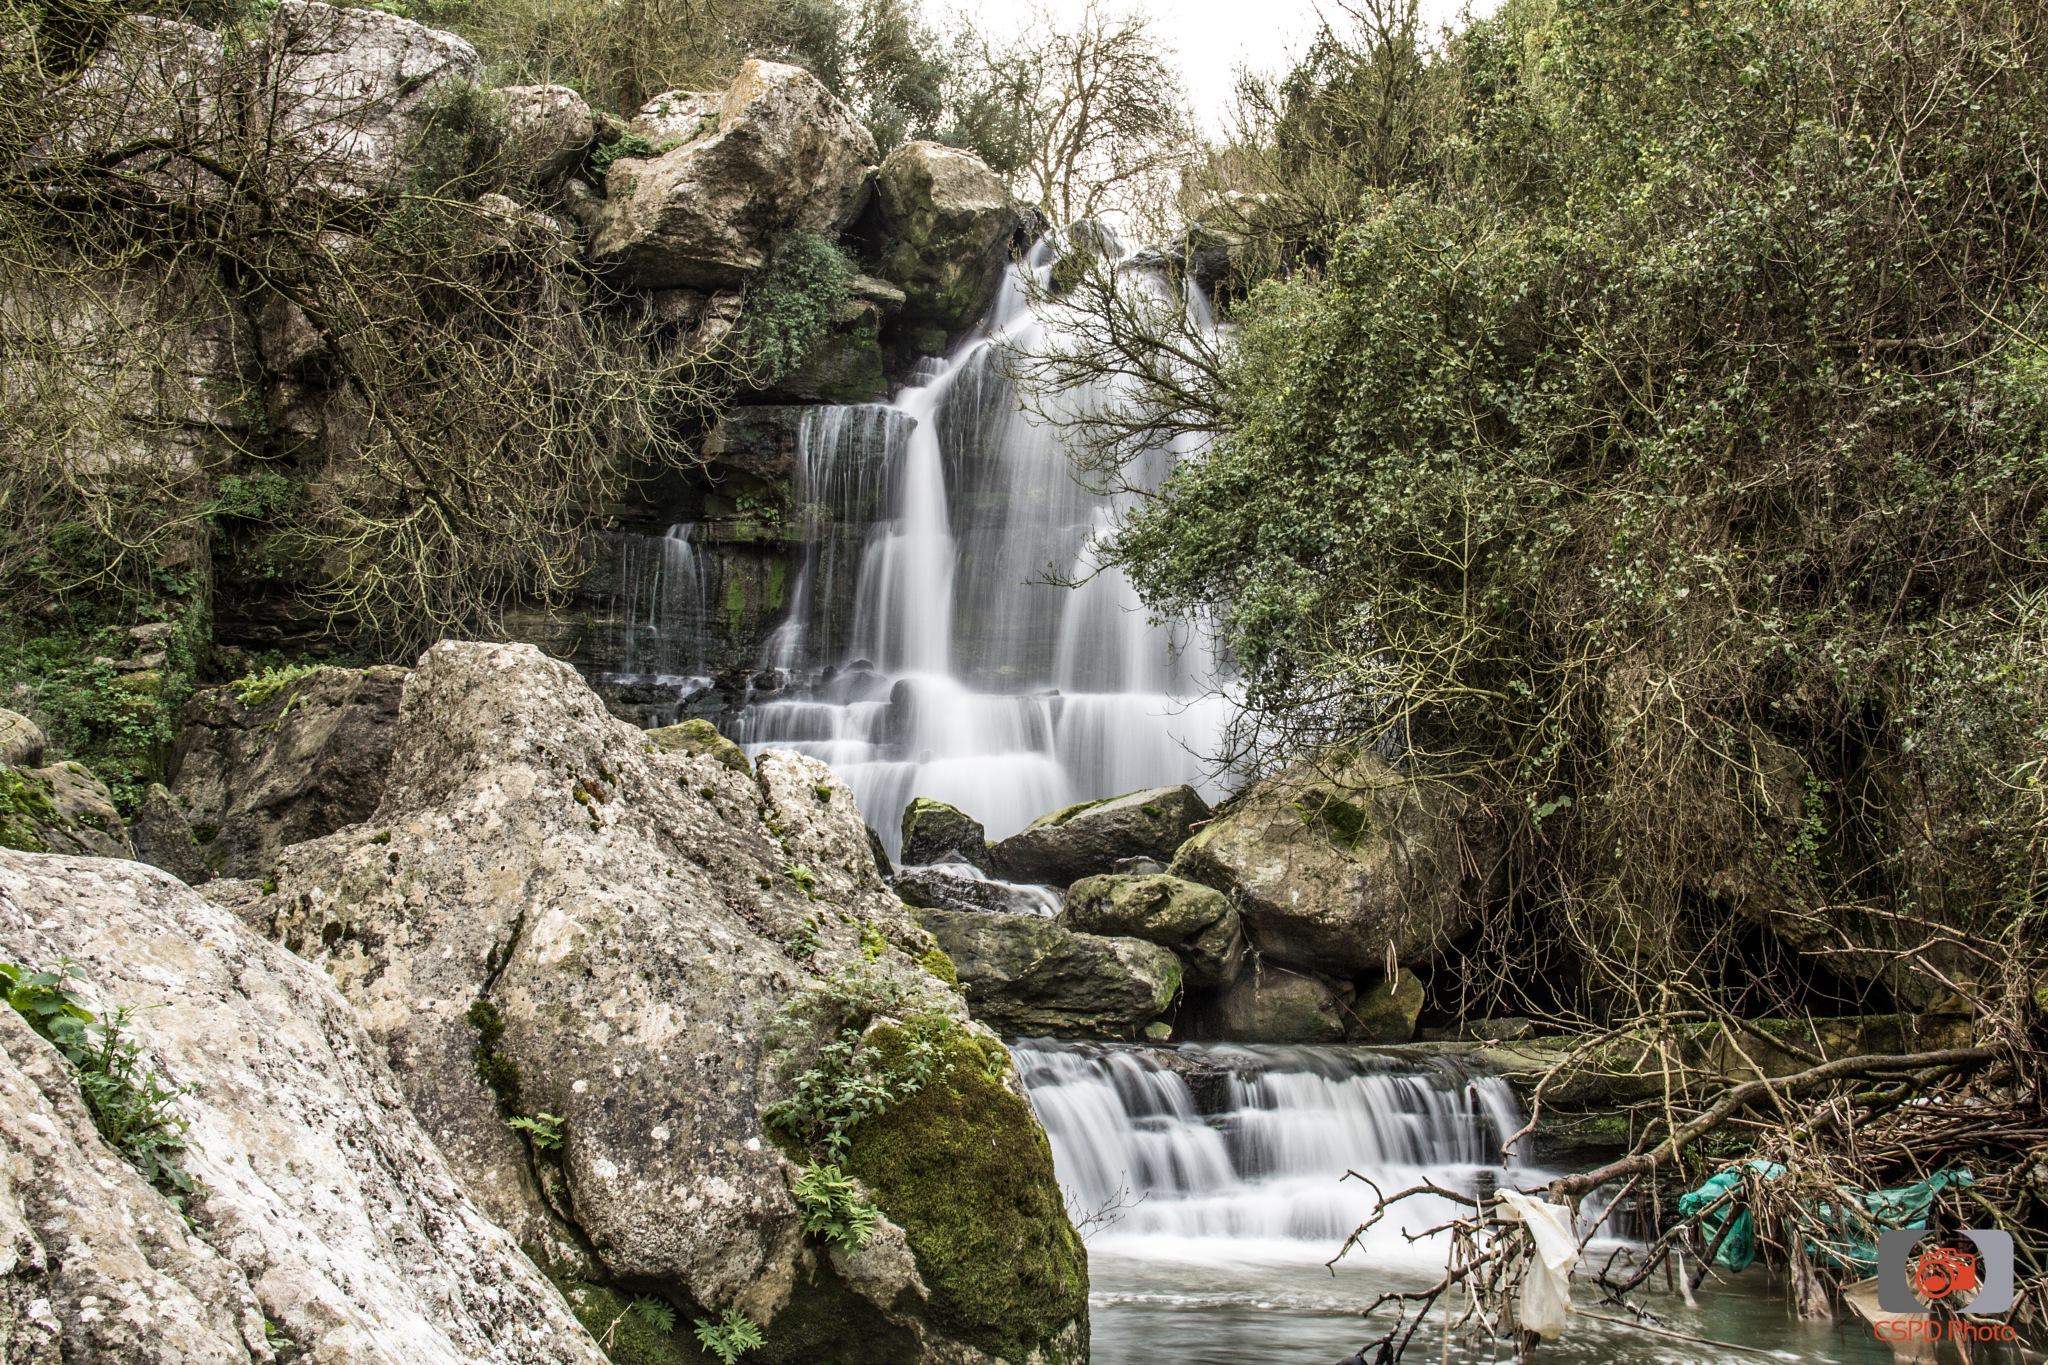 Cascata de Fervença by Carla Dias